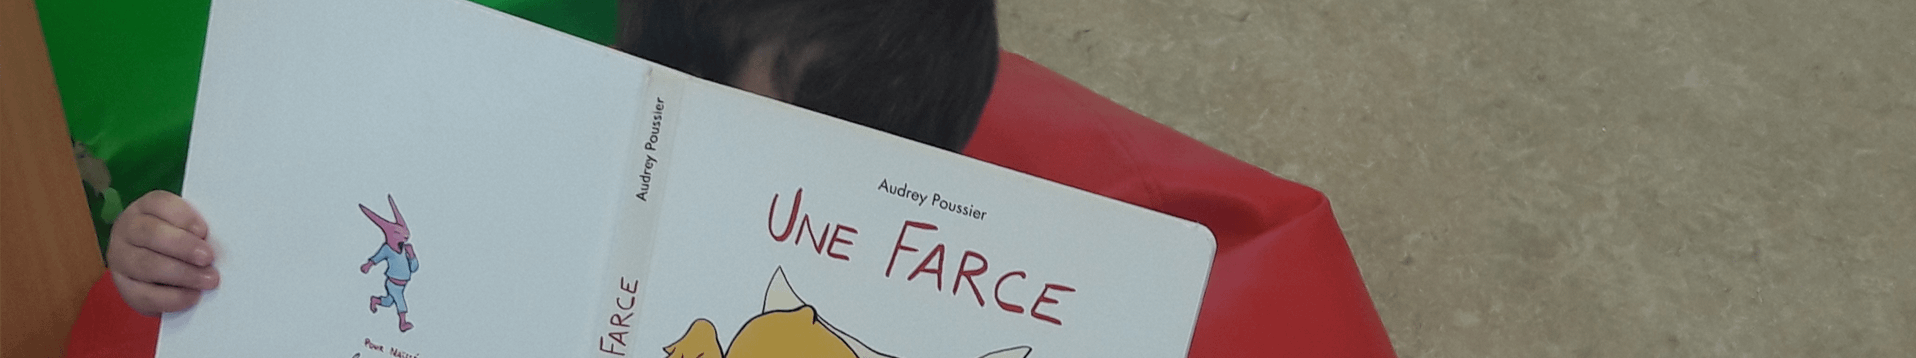 Enfant qui lit Une Farce d'Audrey Poussier